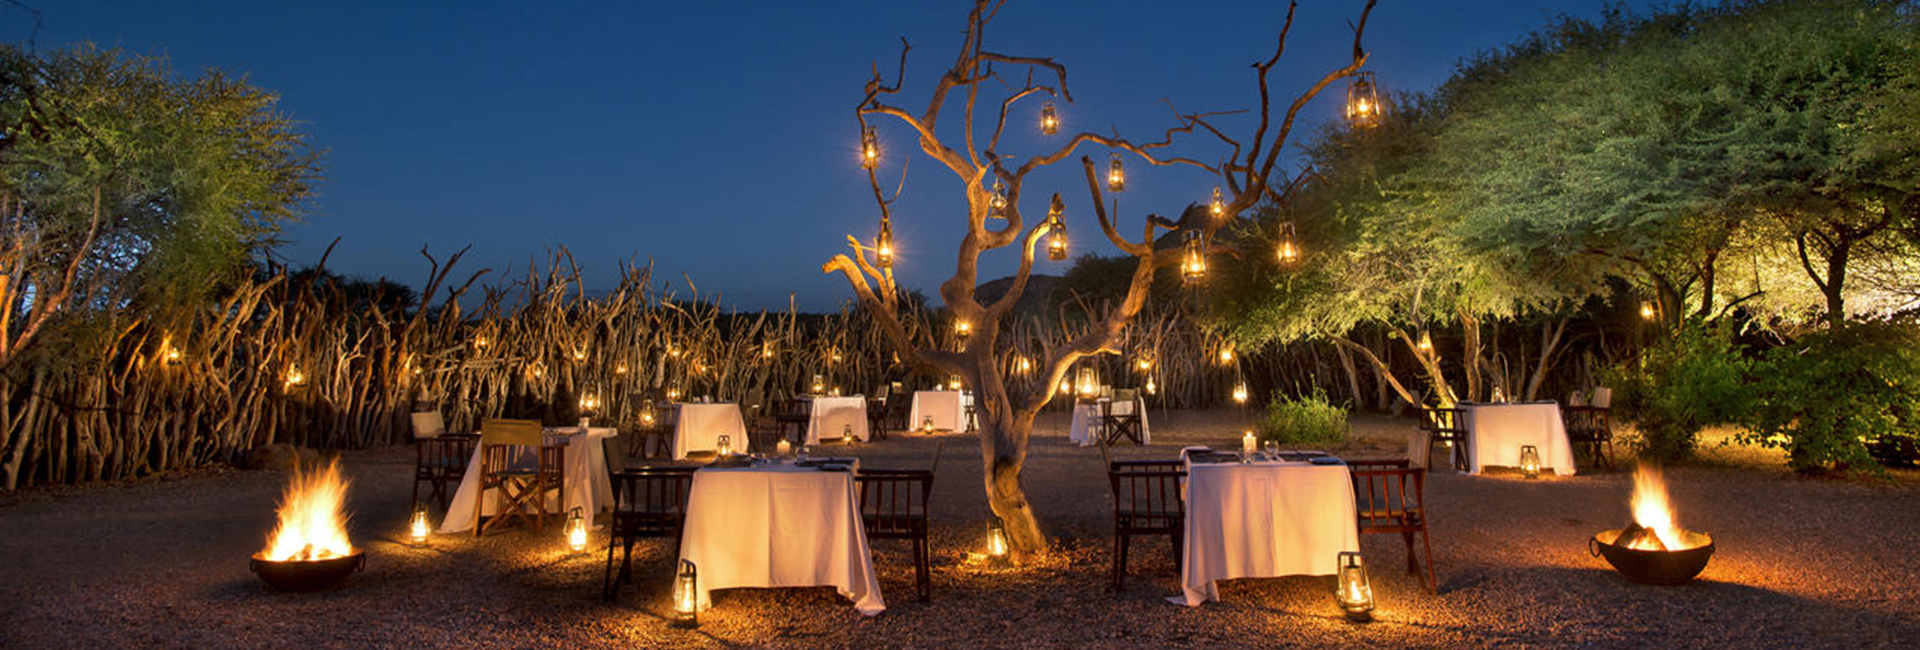 Marataba Safari Lodge Boma Evenings